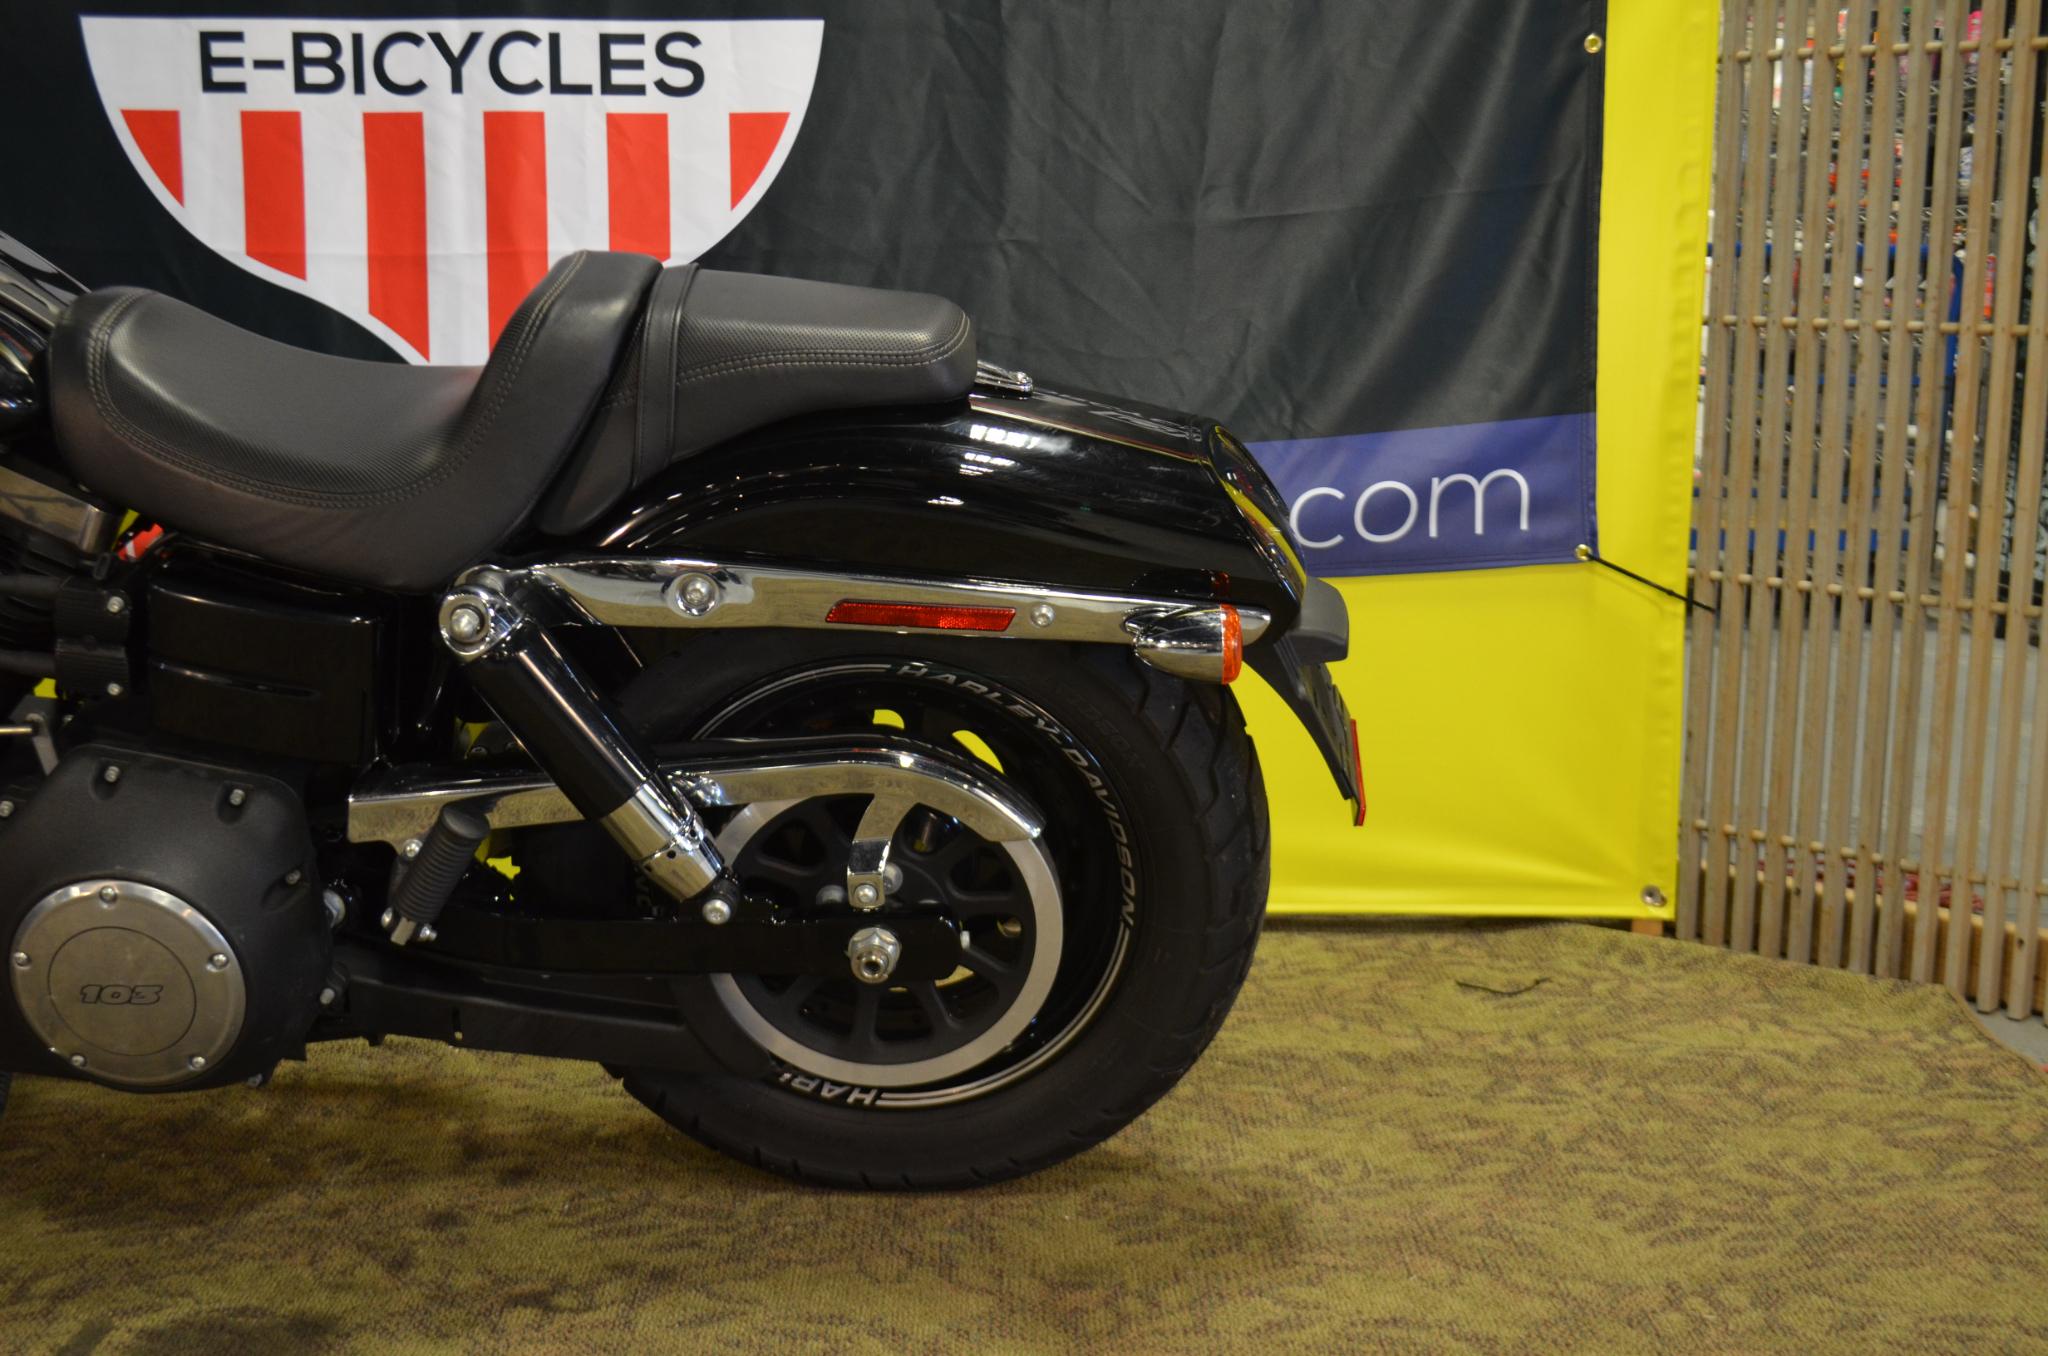 2014 Harley-Davidson Fat Bob FXDB